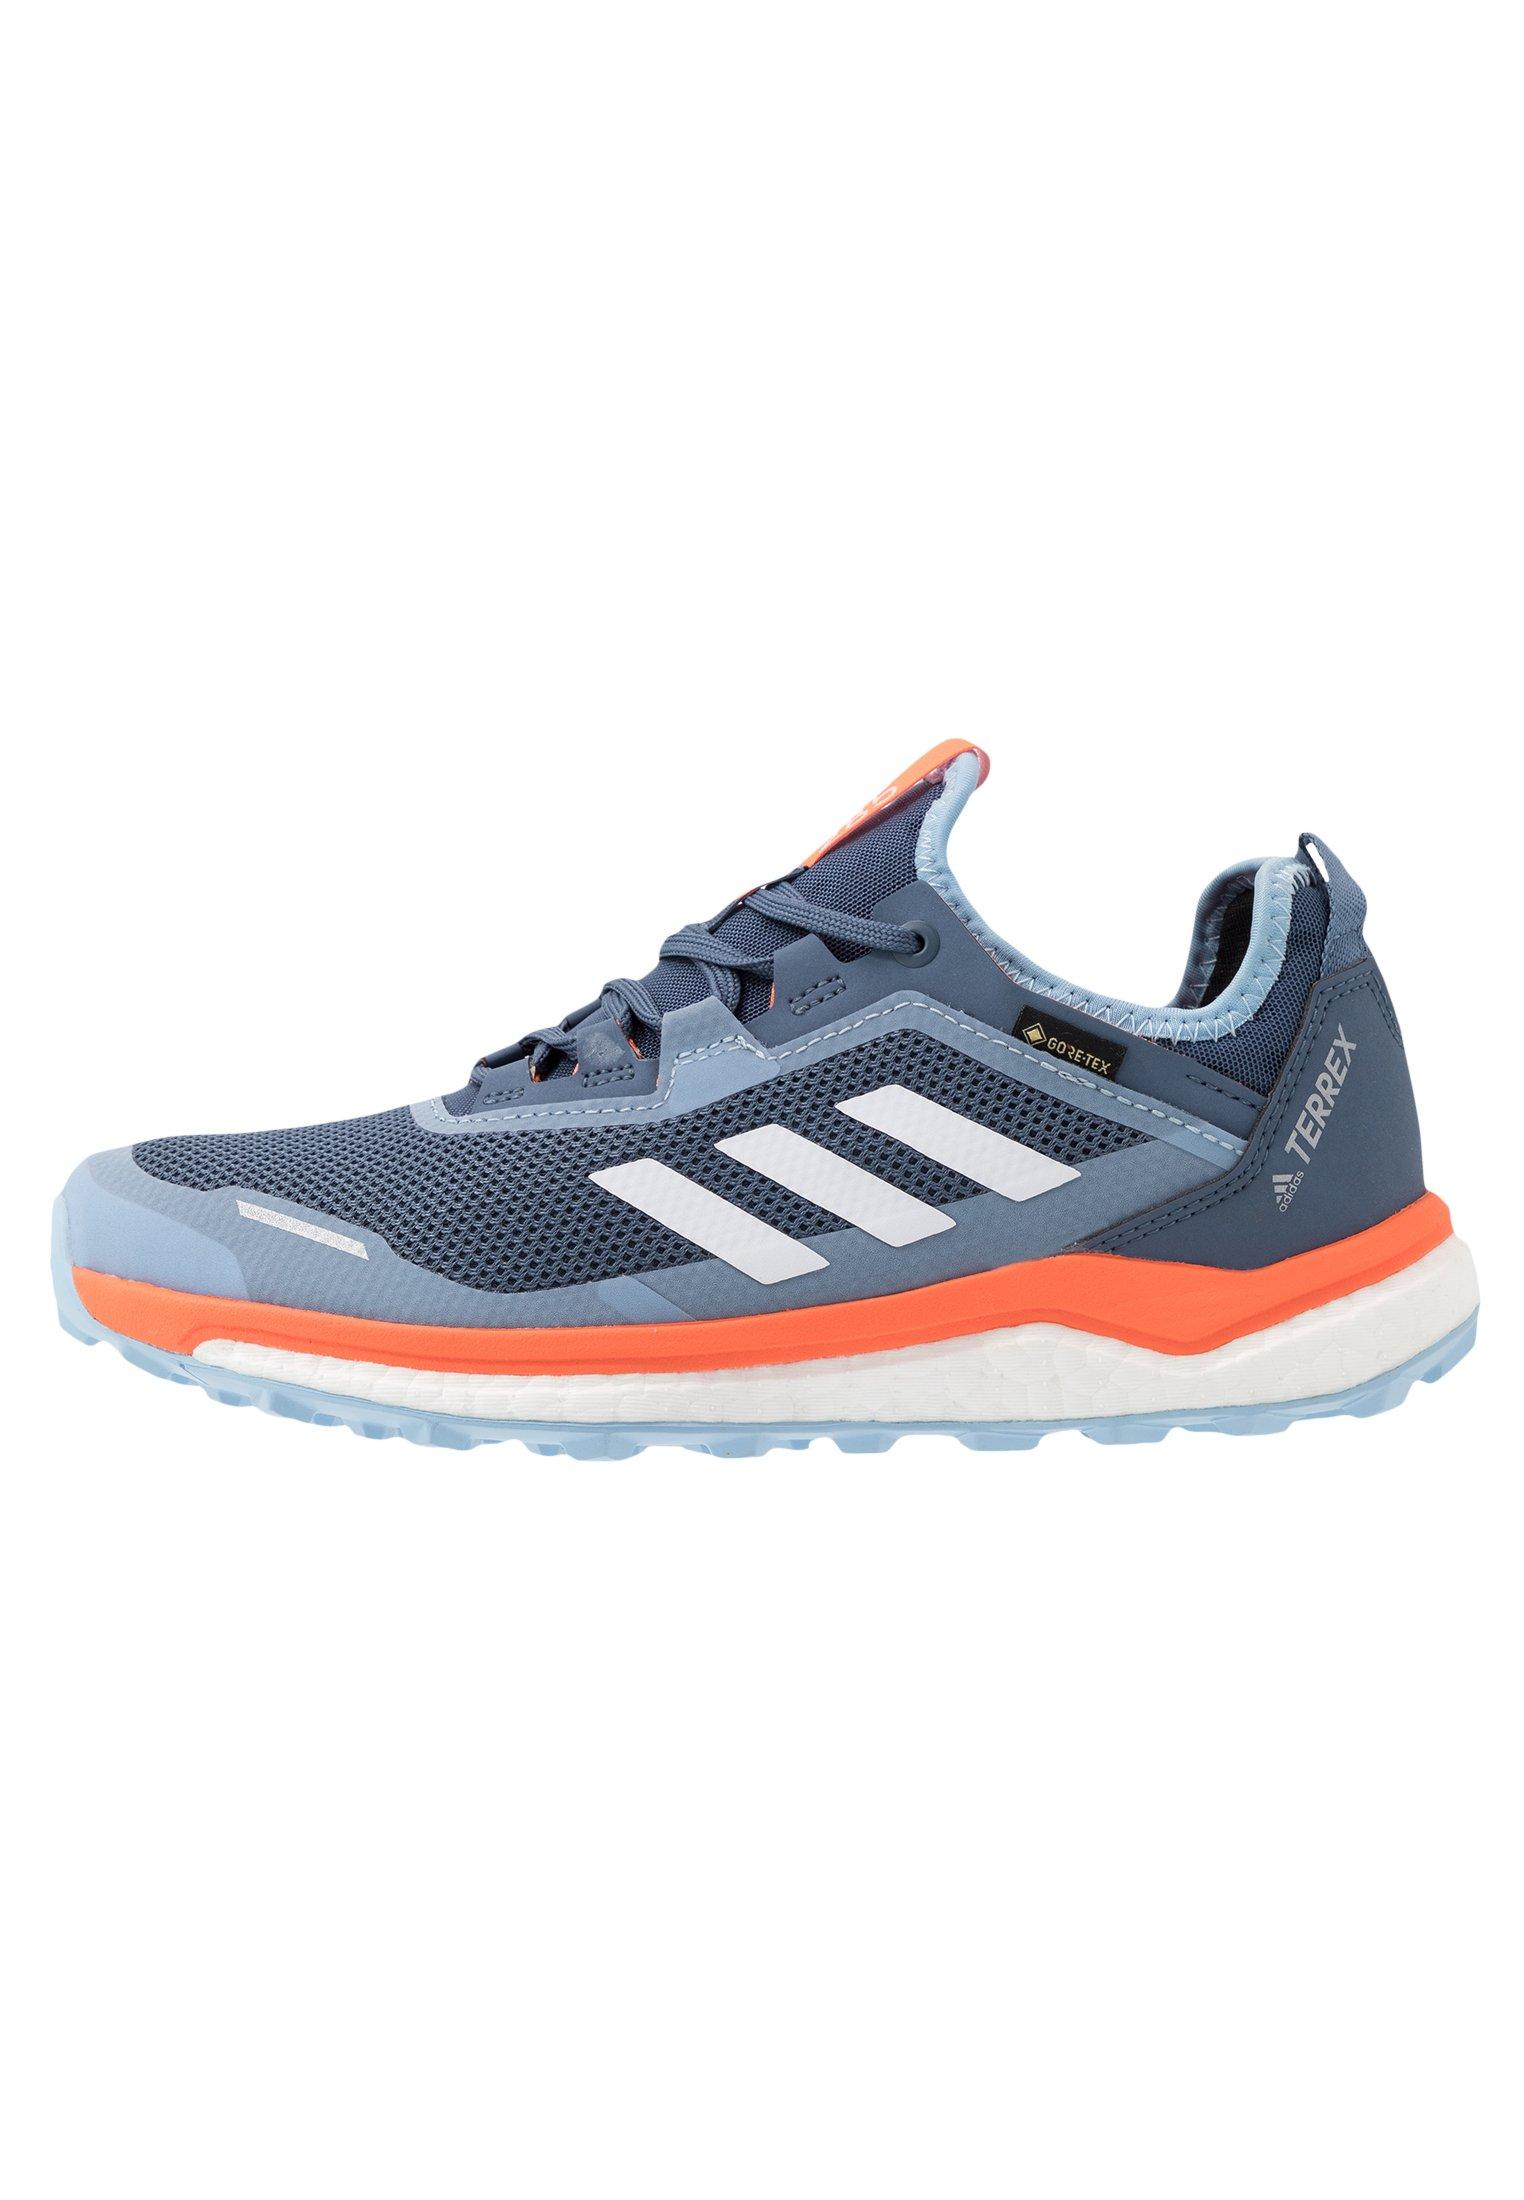 Adidas Sportschuhe für Damen im SALE   Spare online mit ZALANDO